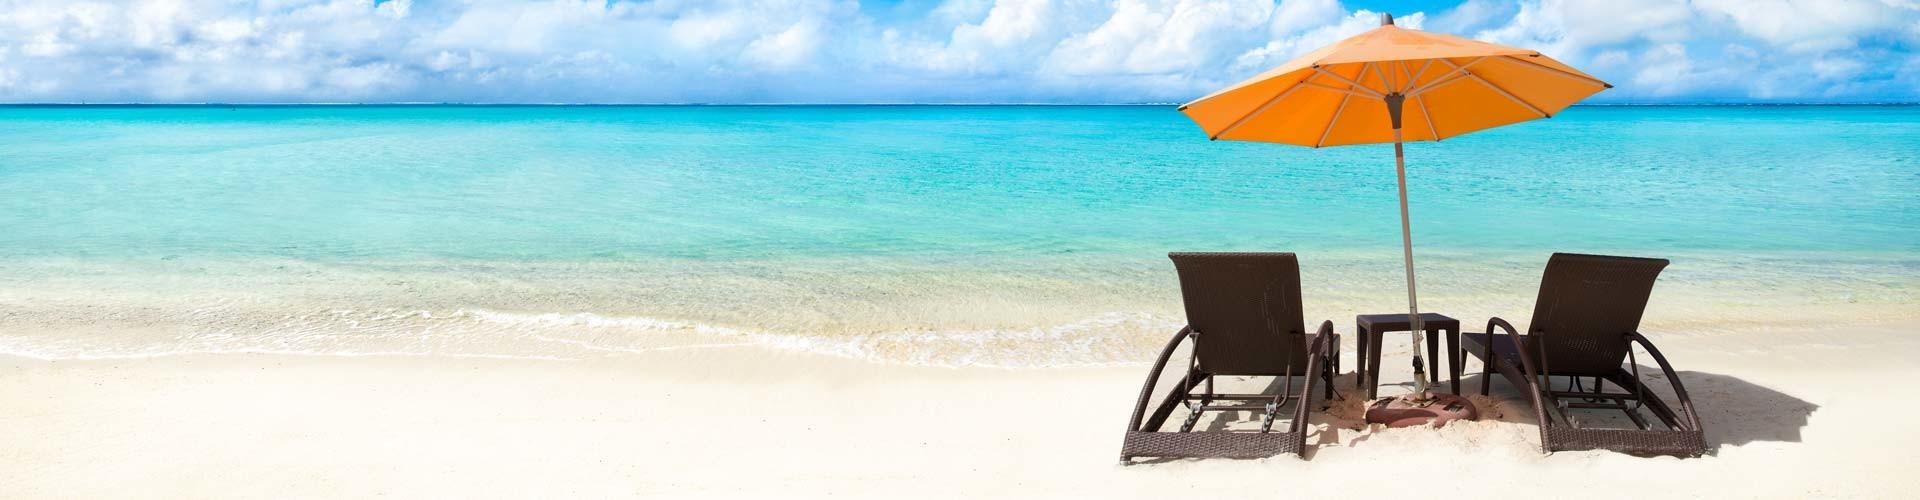 Sommerzeit ist Reisezeit © stock.adobe.com